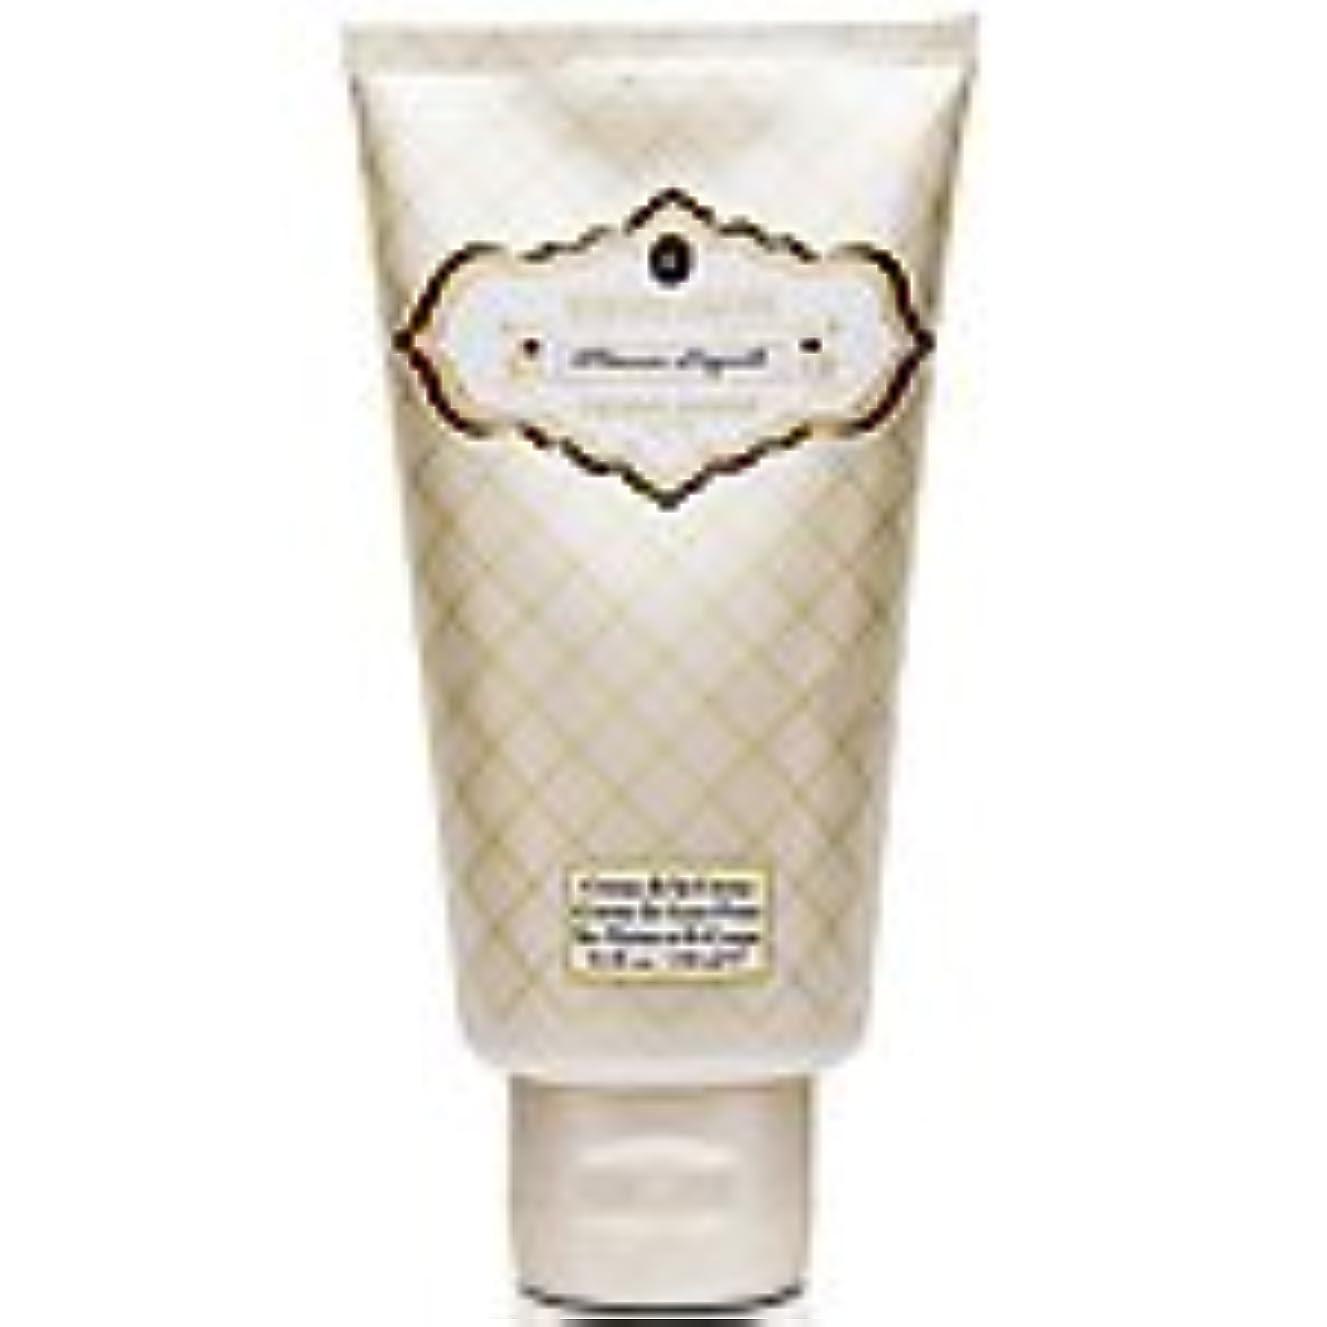 障害徹底的に過敏なMemoire Liquide Reserve - Fleur Liquide (メモワールリキッドリザーブ - フルーアーリキッド) 5.1 oz (153ml) Body Cream for Unisex